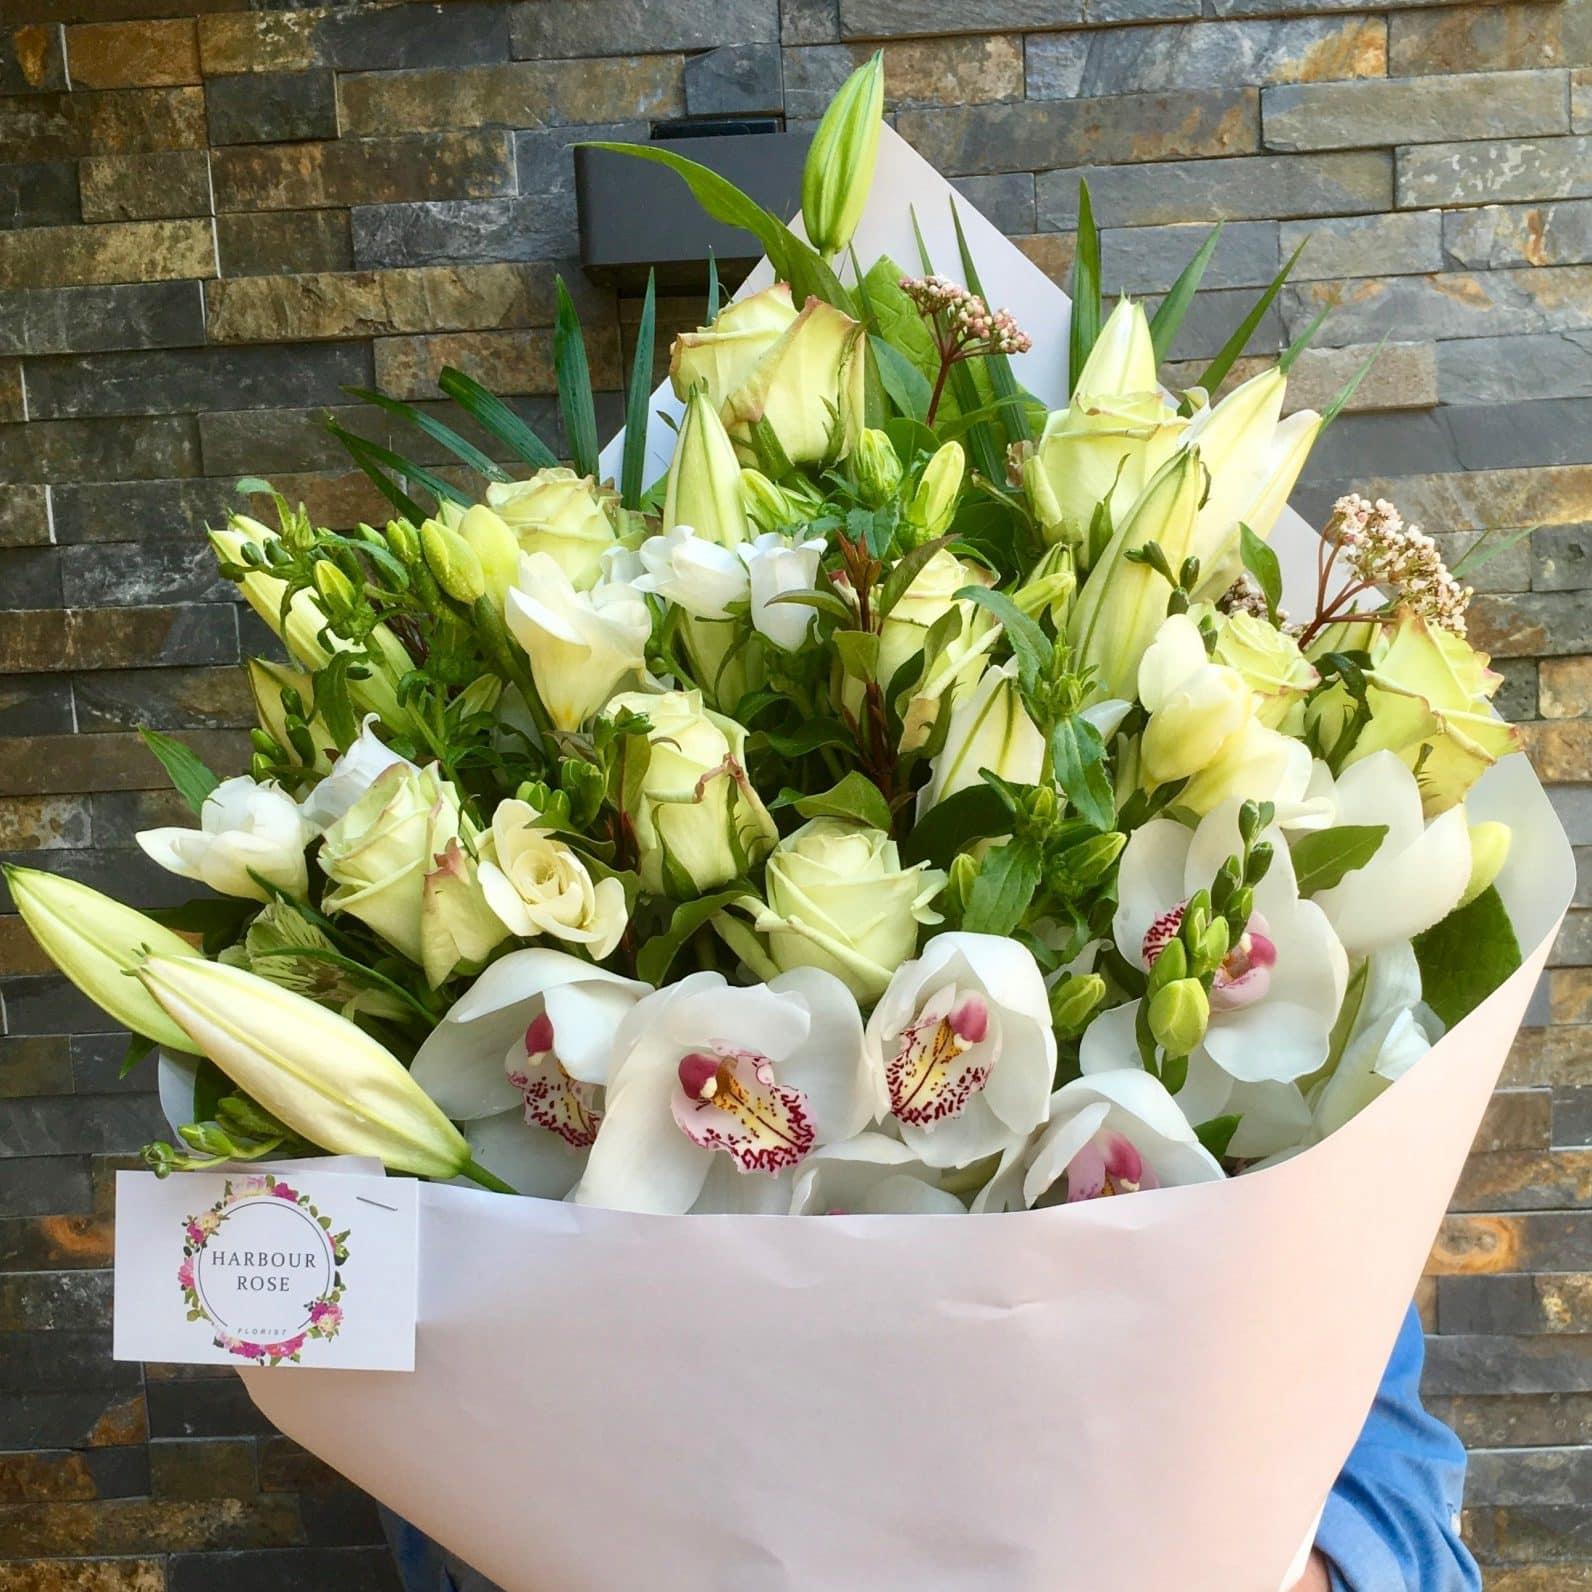 Sympathy flower sheaf harbour rose florist large lush sympathy flower sheaf as condolence flowers izmirmasajfo